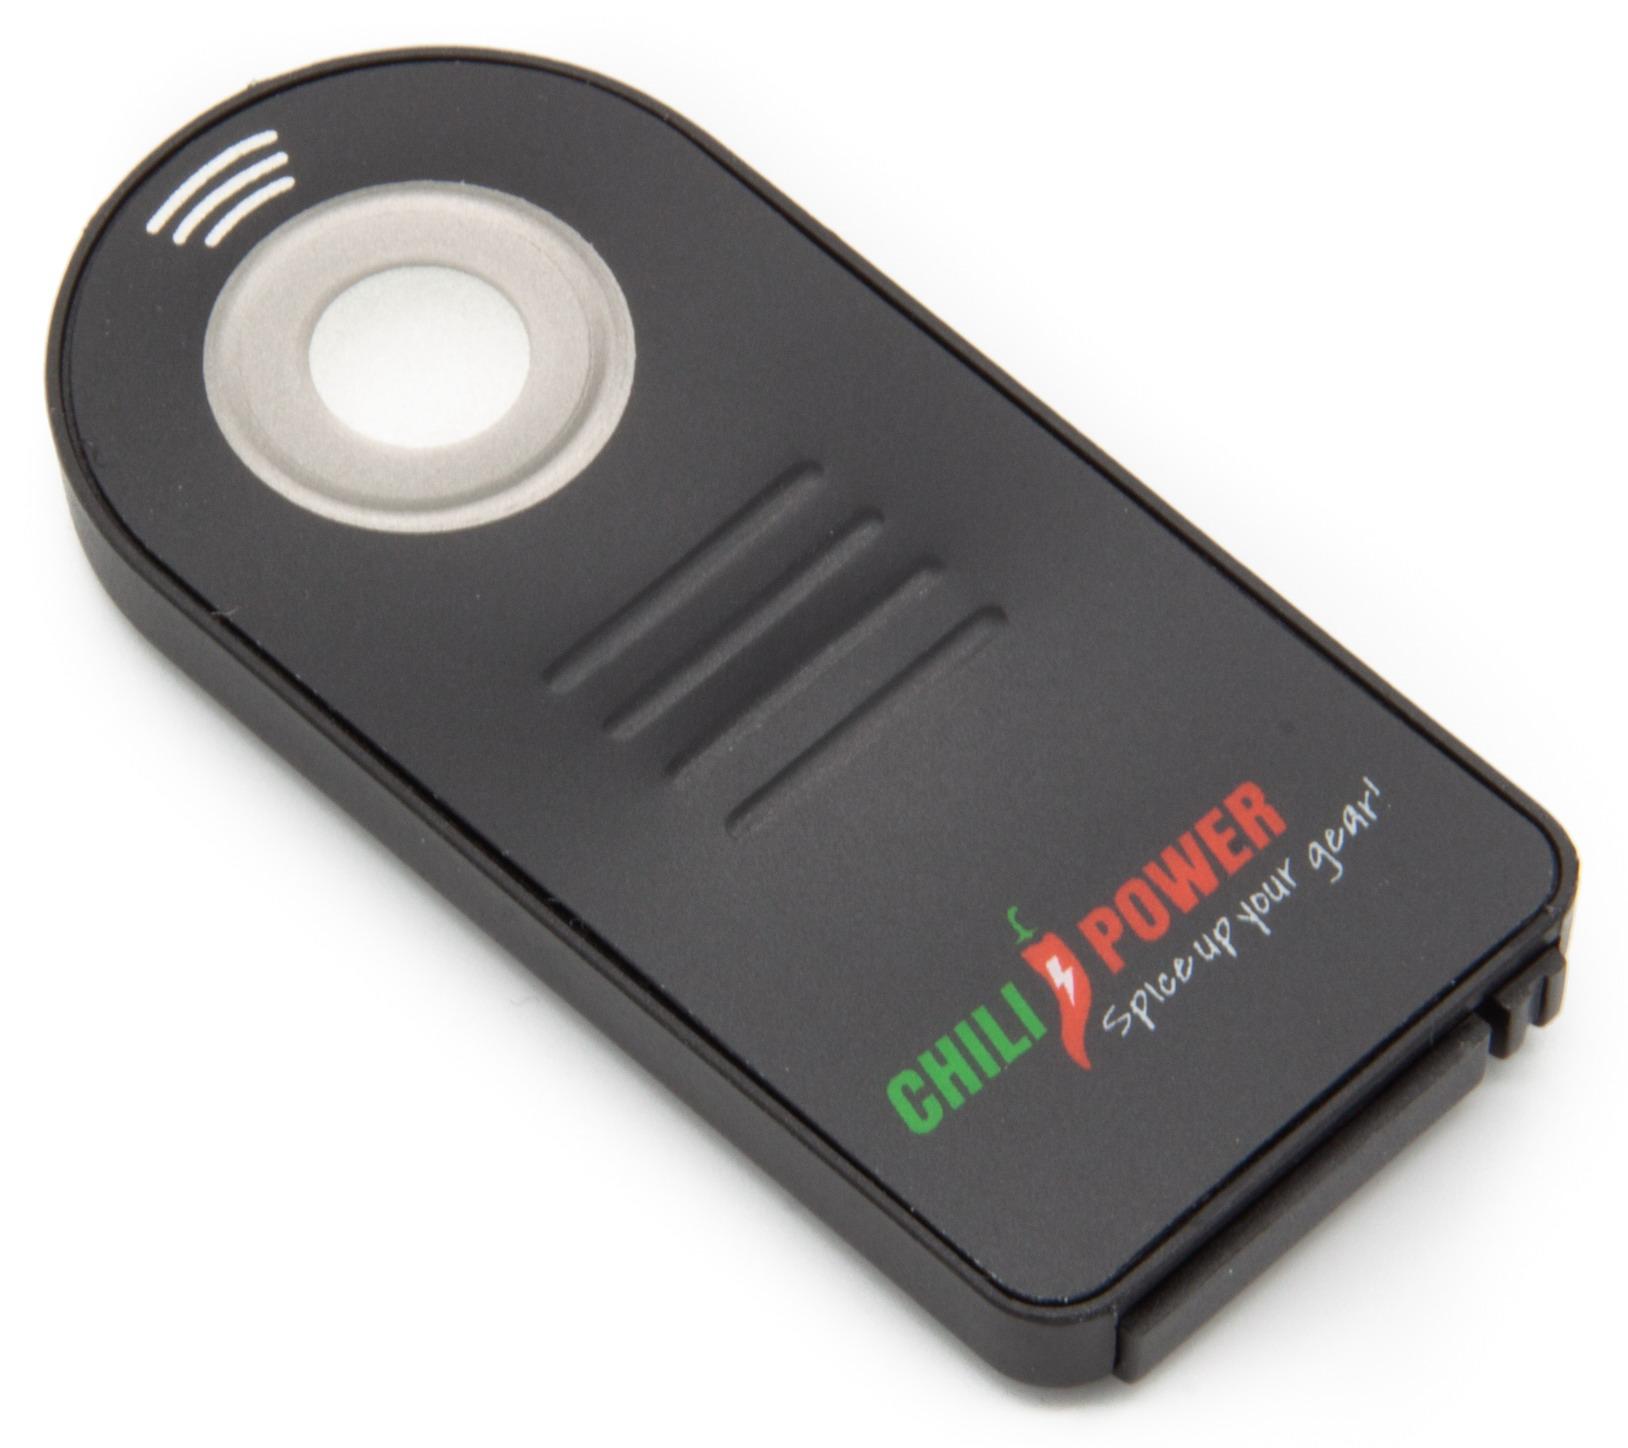 ChiliPower Draadloze afstandsbediening voor vele Nikon camera's